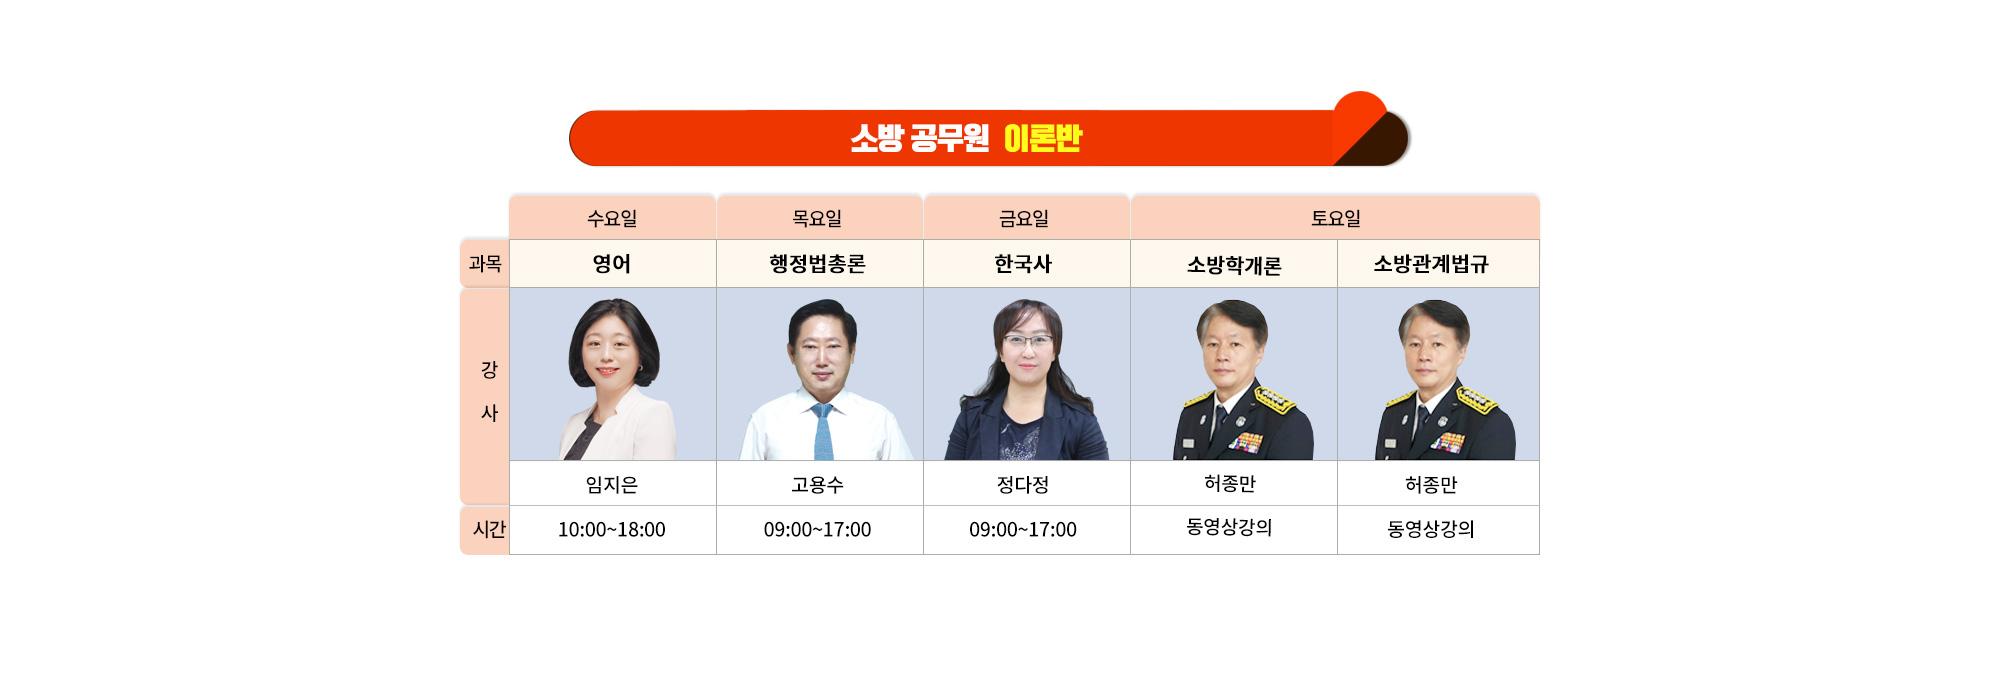 소방공무원 시간표